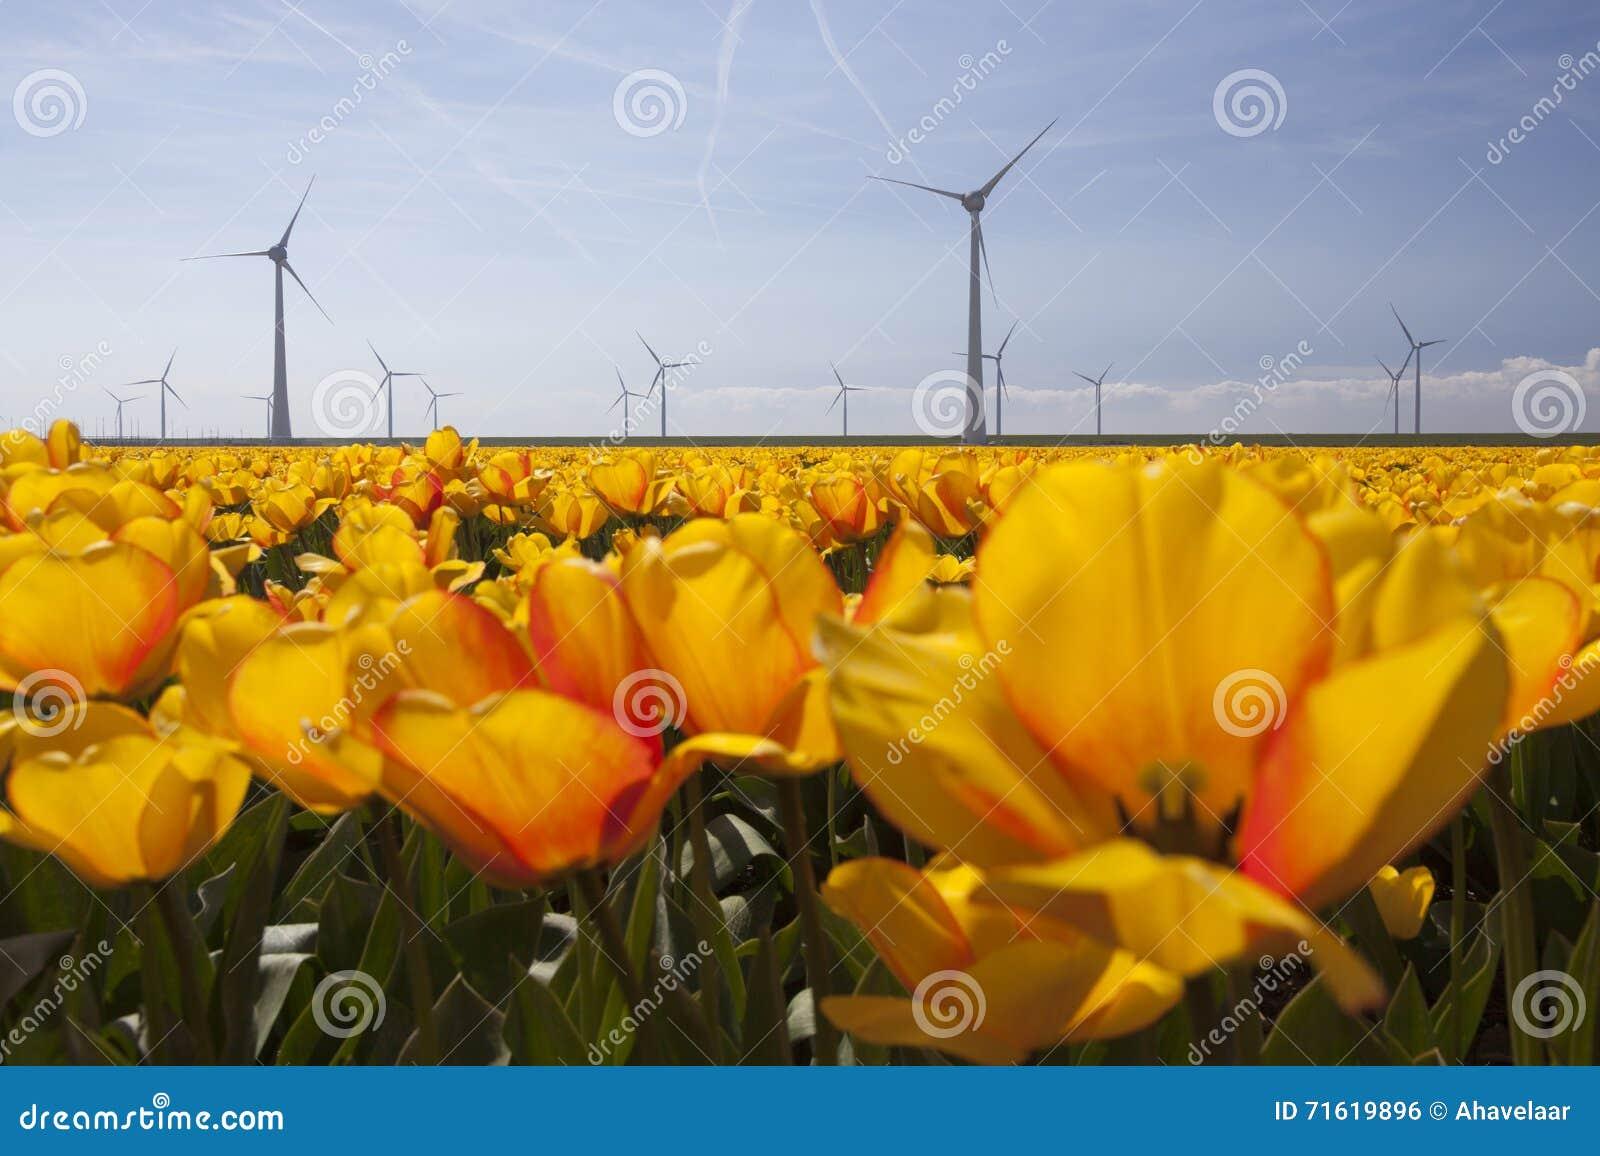 Schattenbild von Windkraftanlagen gegen blauen Himmel mit orange Tulpen